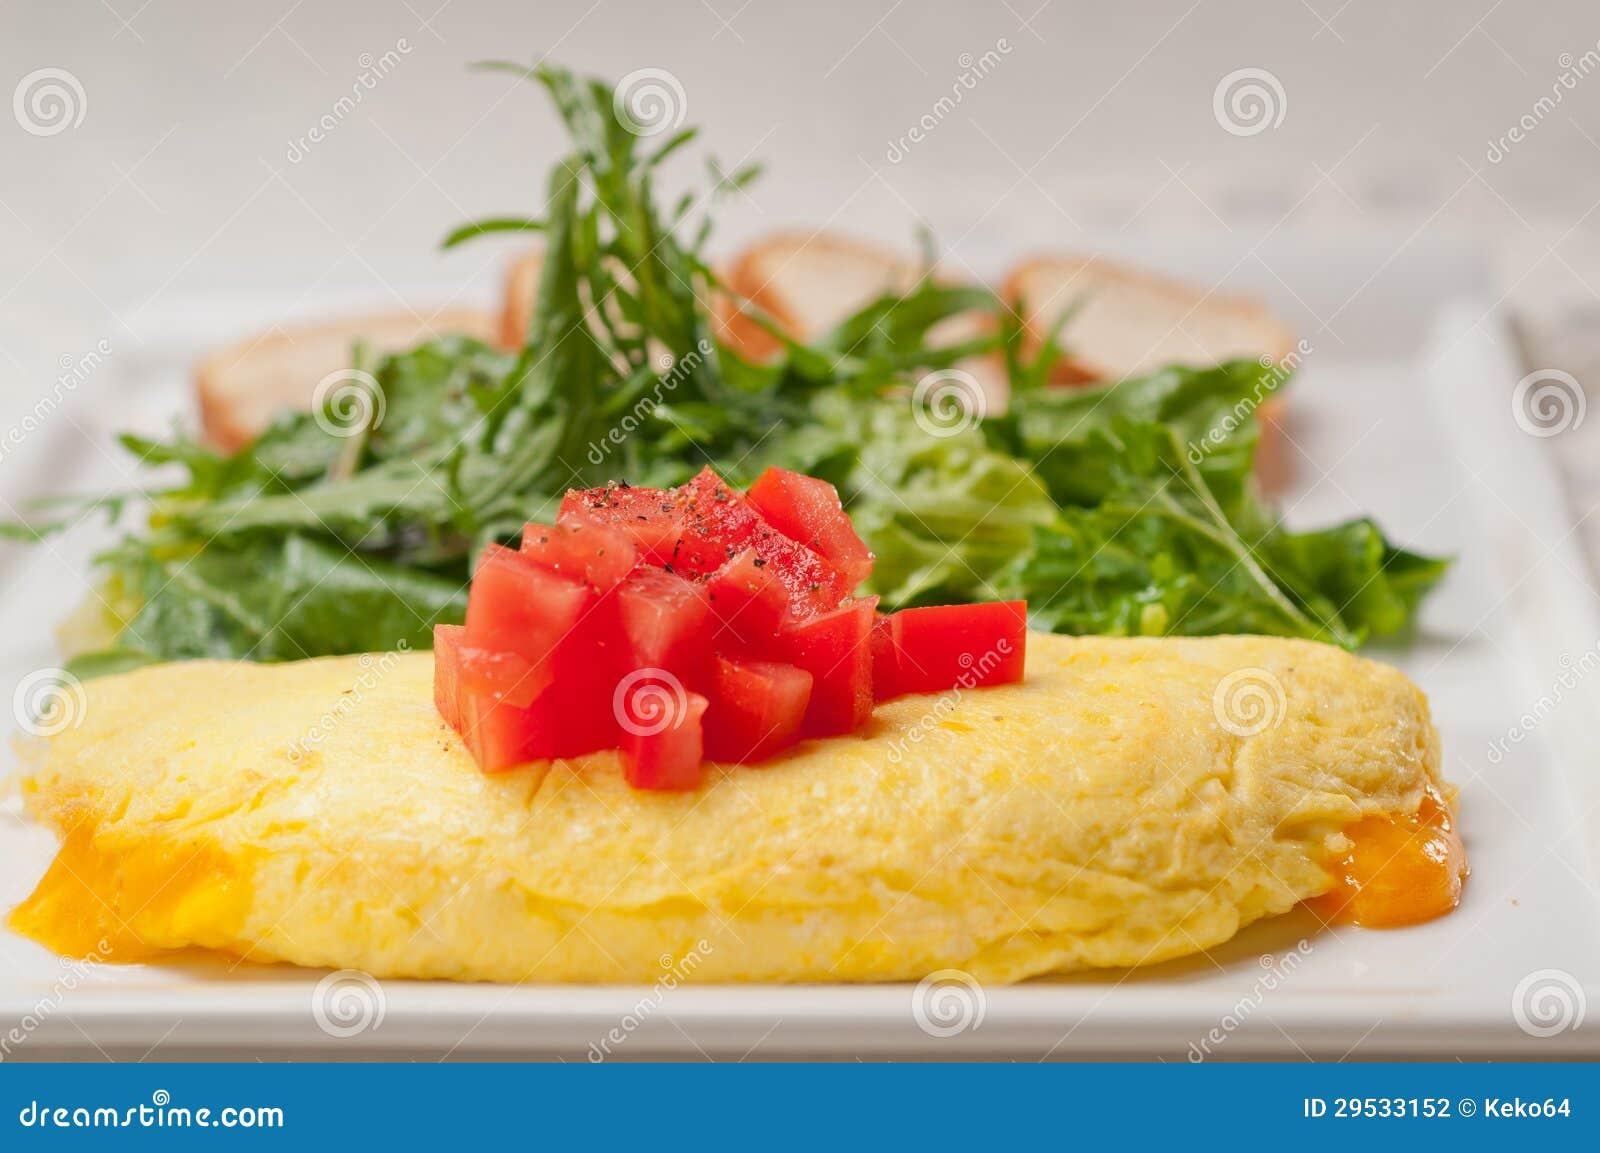 Ometette do queijo com tomate e salada